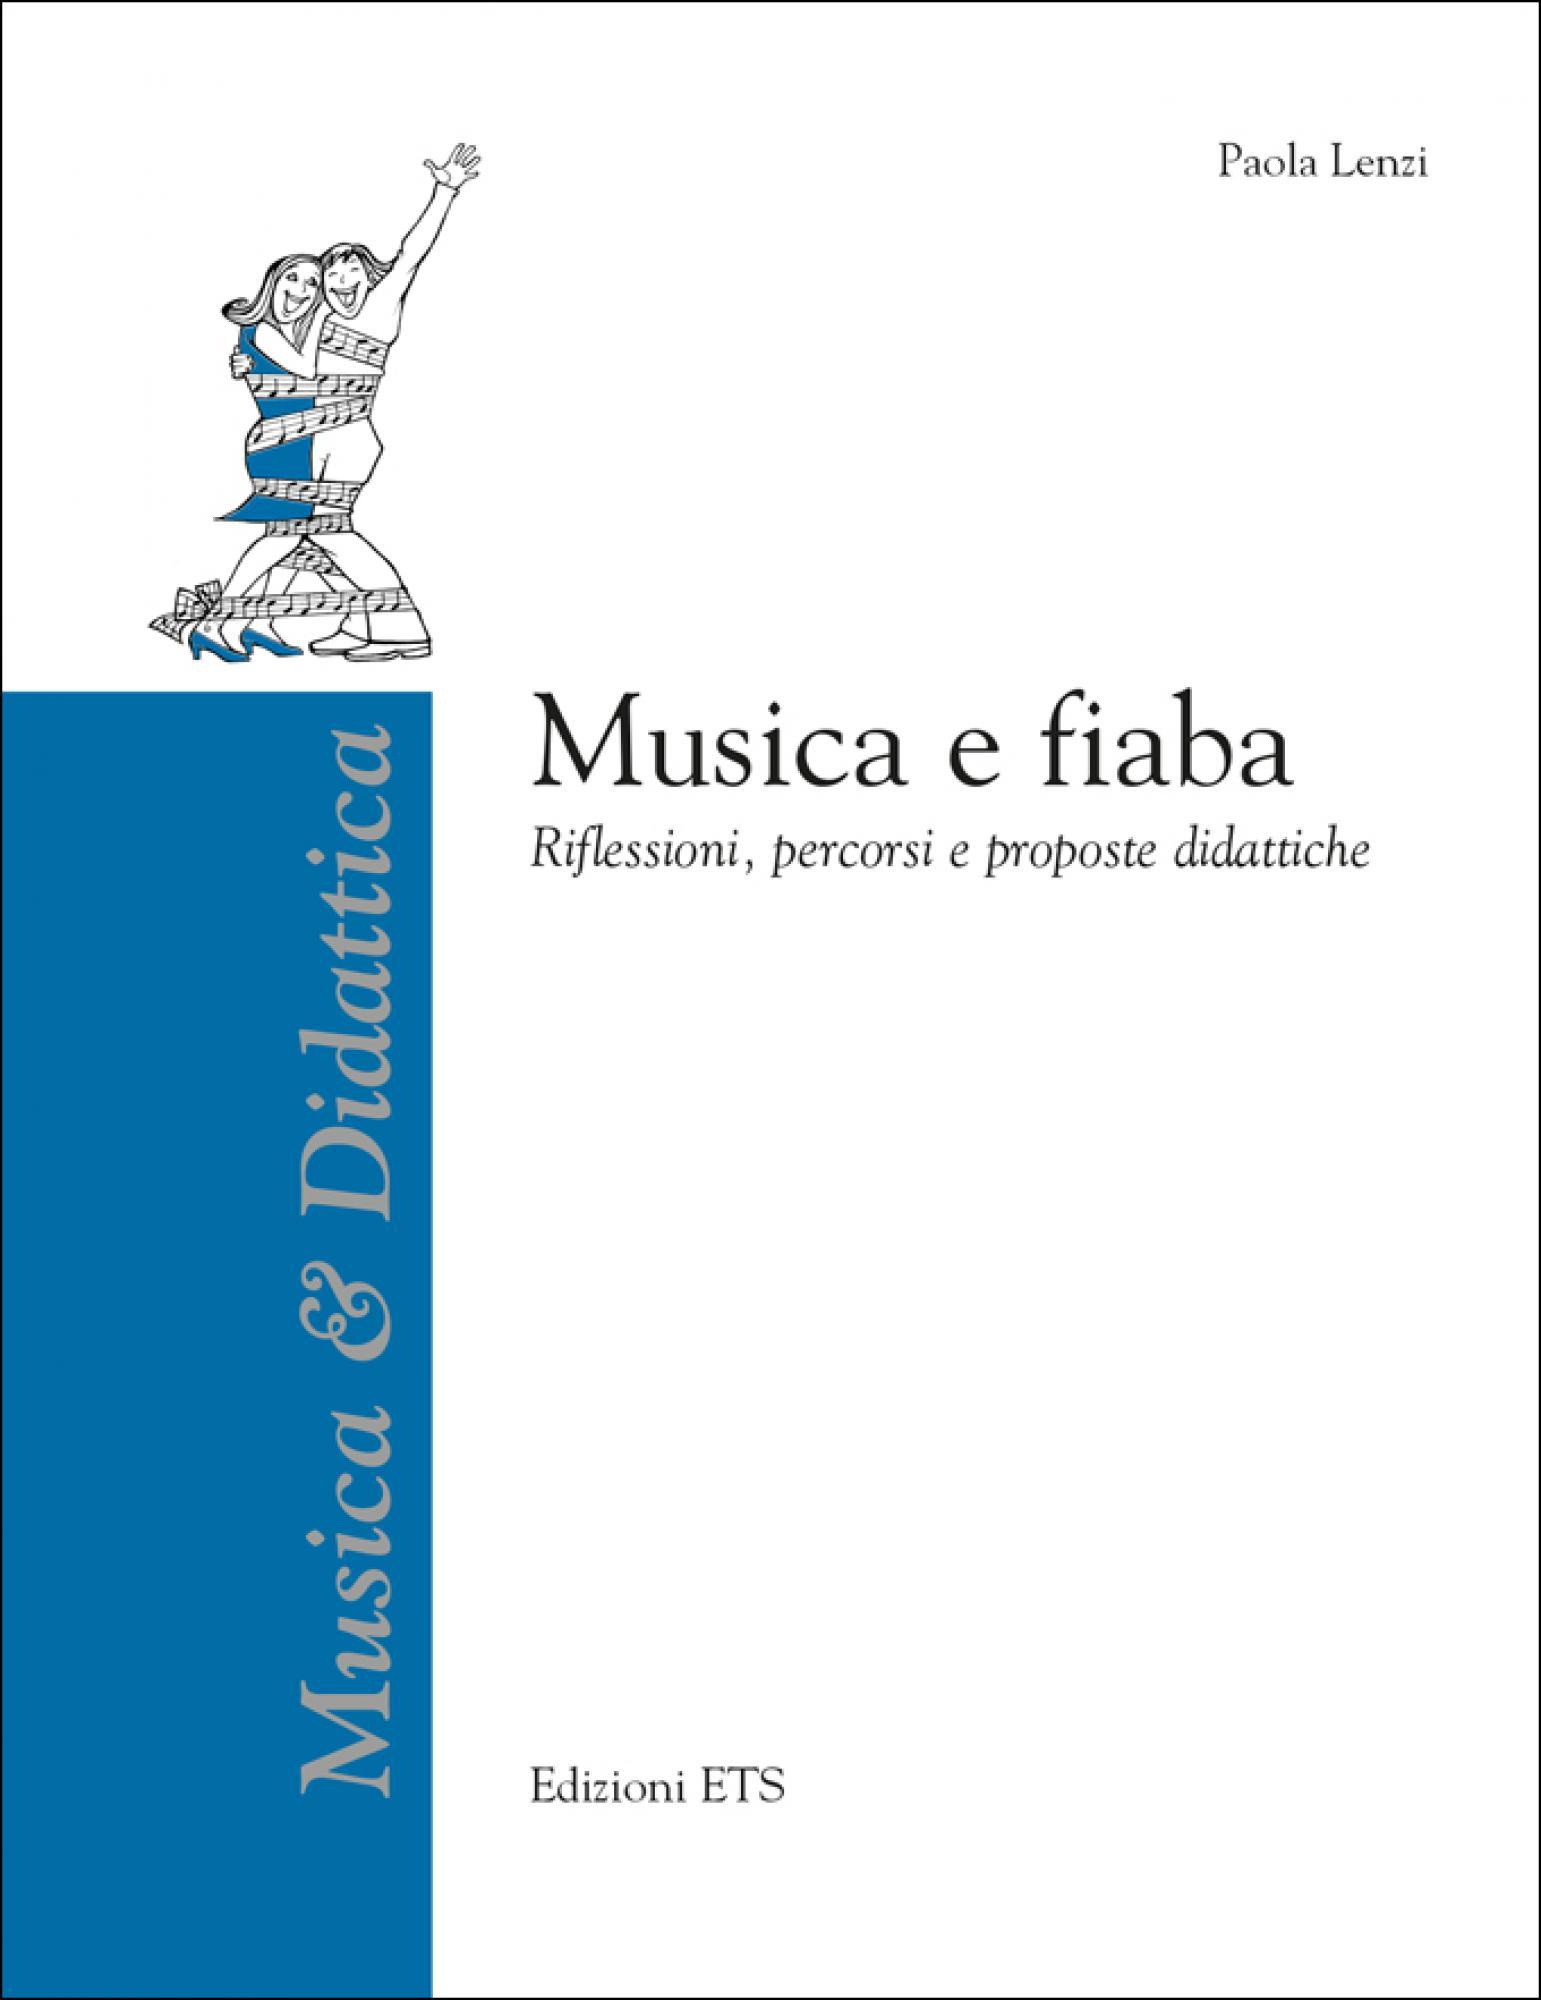 Musica e fiaba.Riflessioni, percorsi e proposte didattiche - solo eBook -